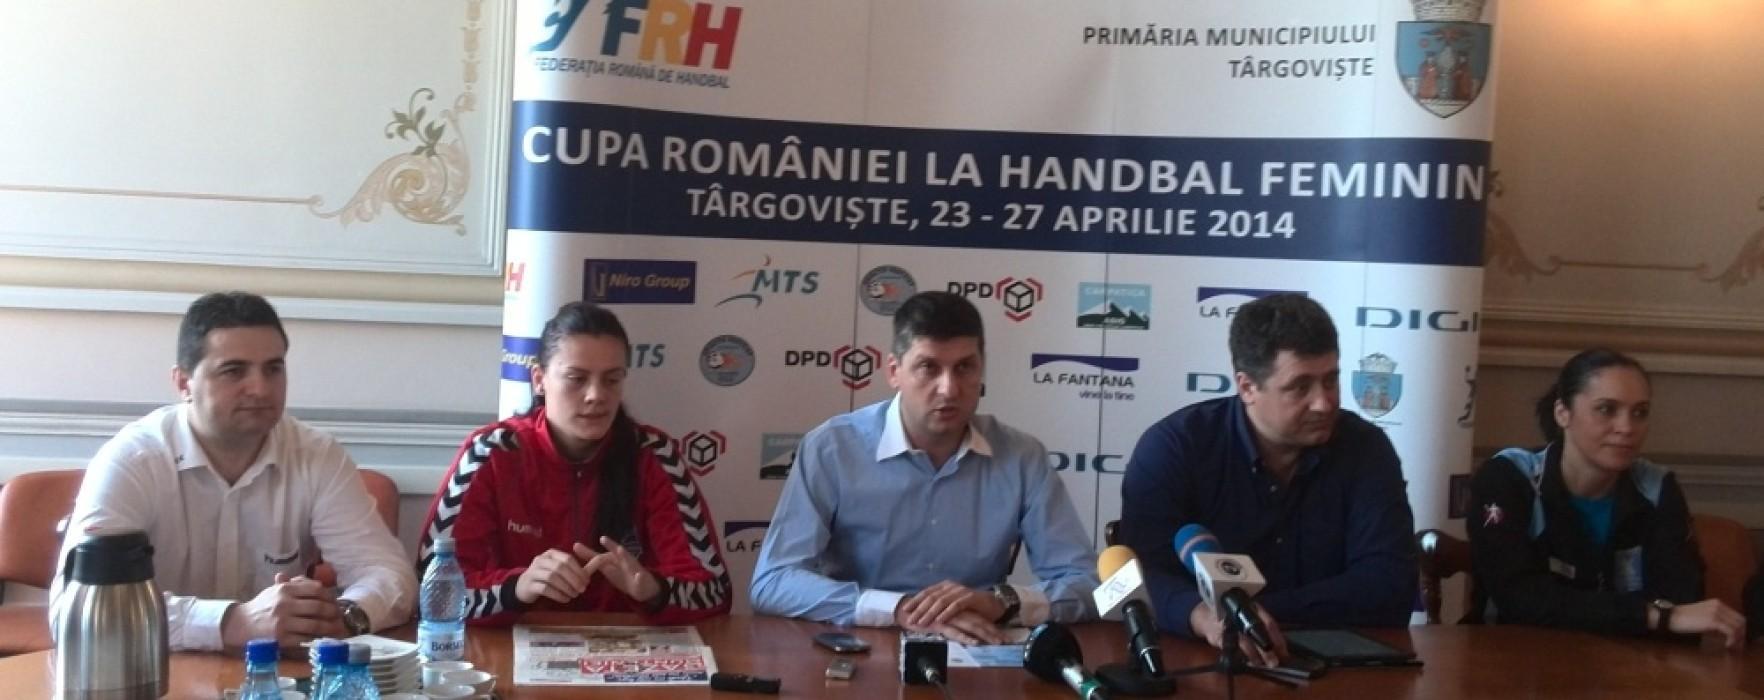 Cupa României la handbal feminin a debutat la Târgovişte; vezi programul